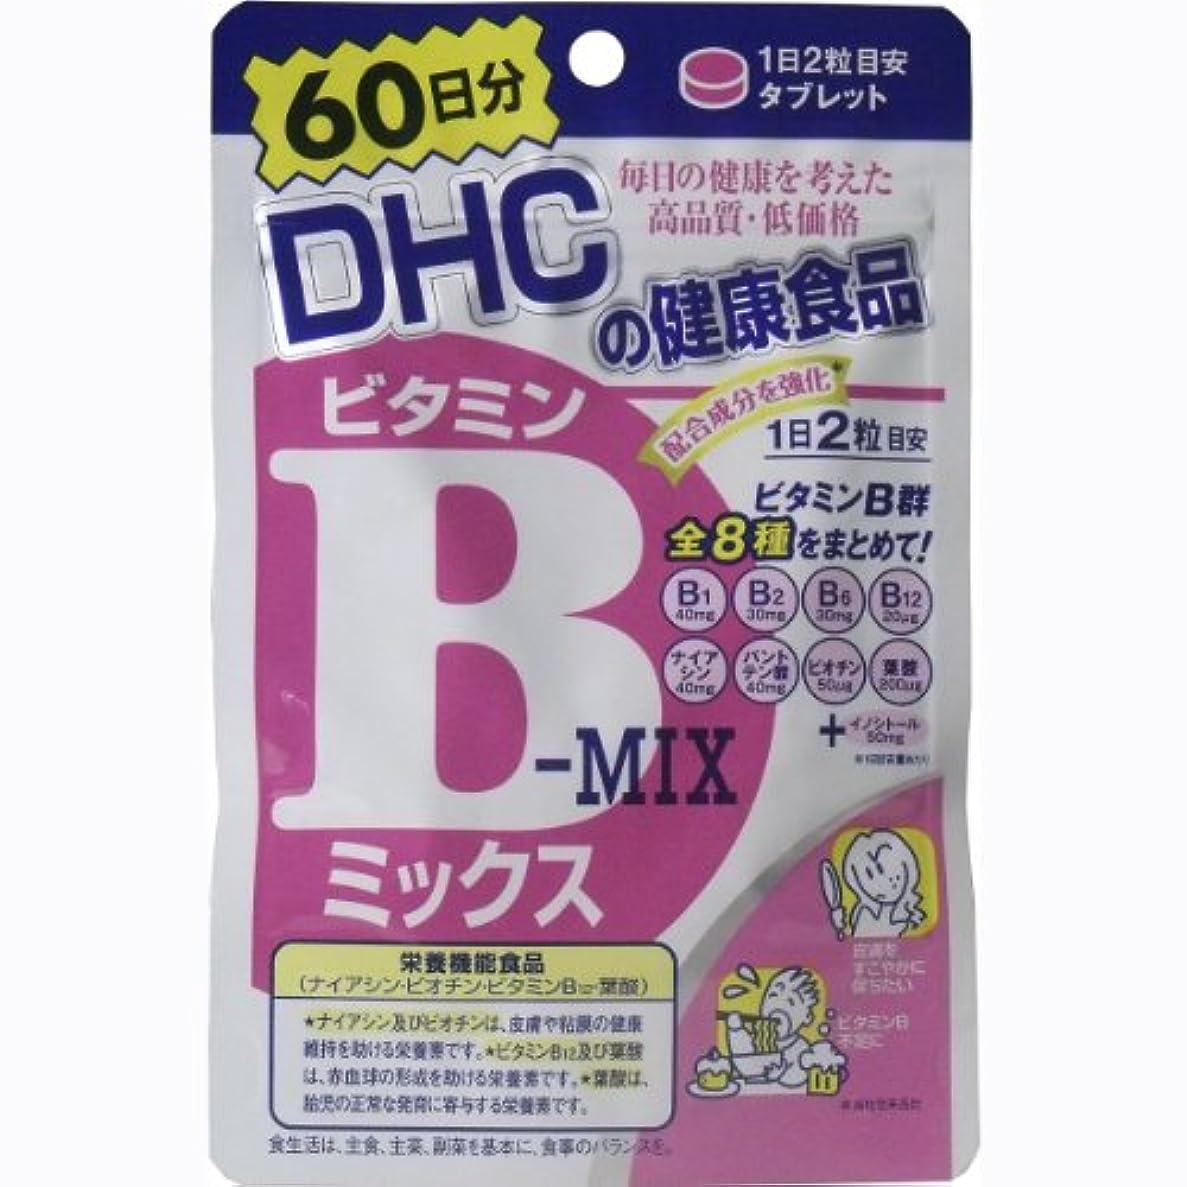 傾向公爵荷物DHC ビタミンBミックス 120粒 60日分【4個セット】